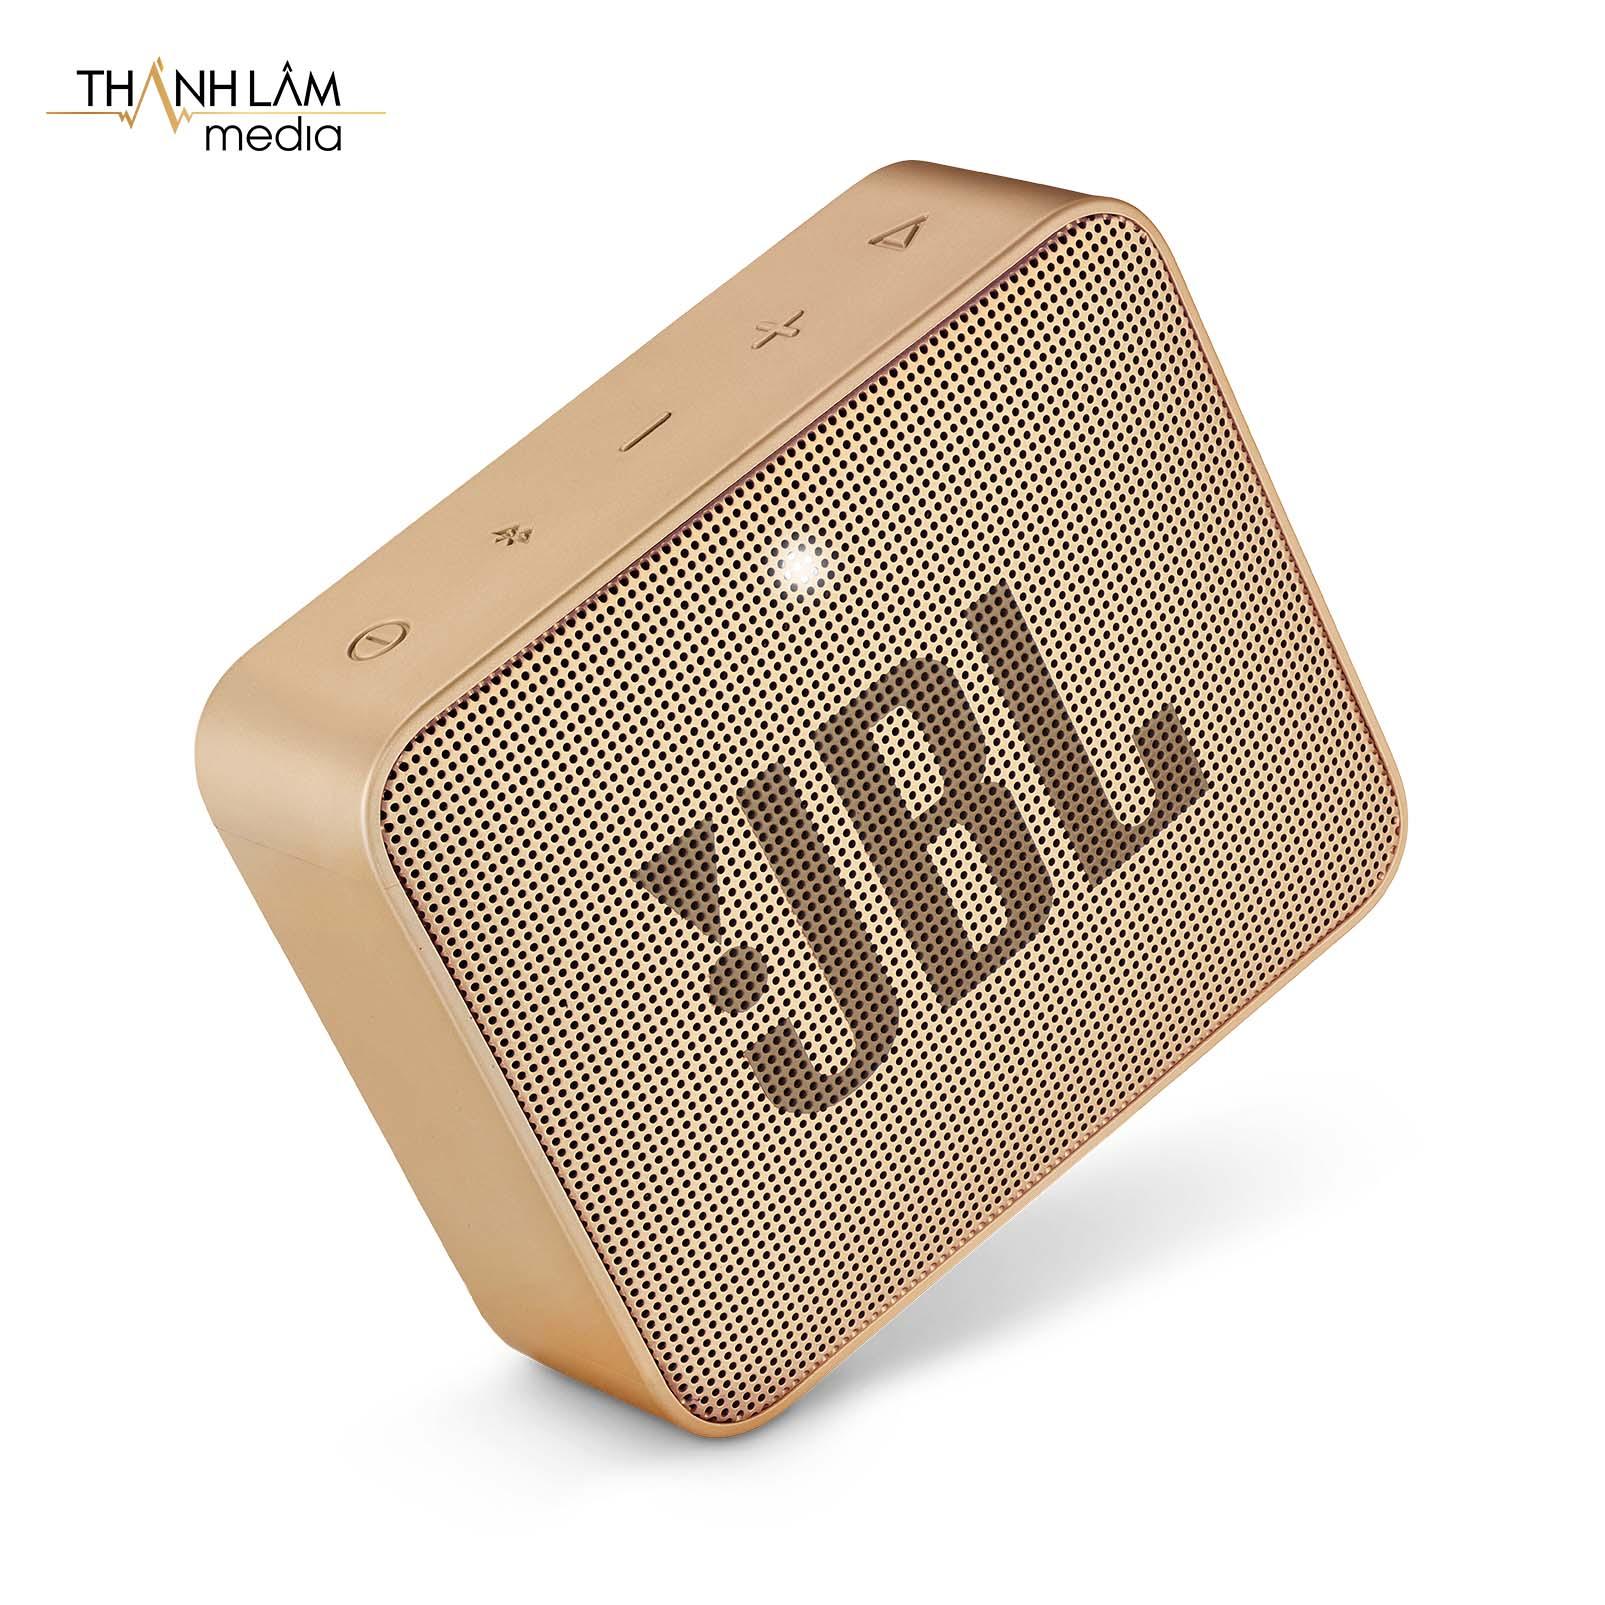 Loa-JBL-Go-2-Vang-Champagne-3